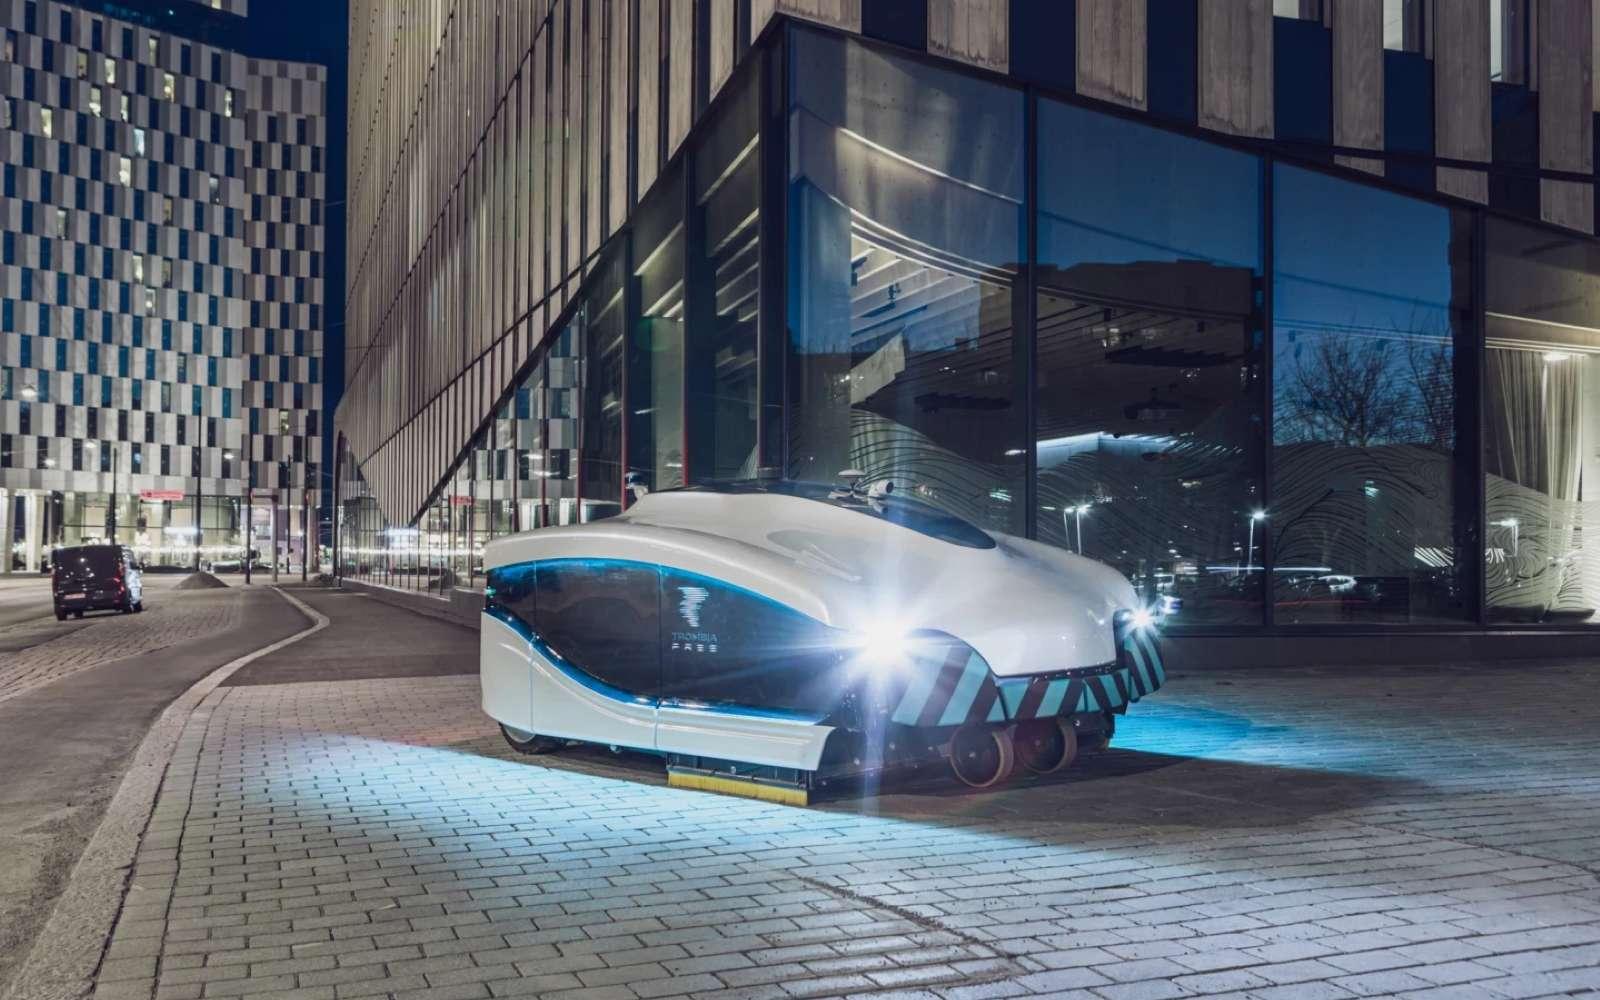 Cet aspirateur géant autonome électrique pourrait remplacer avantageusement les véhicules de nettoyage urbains. © Trombia Technologies